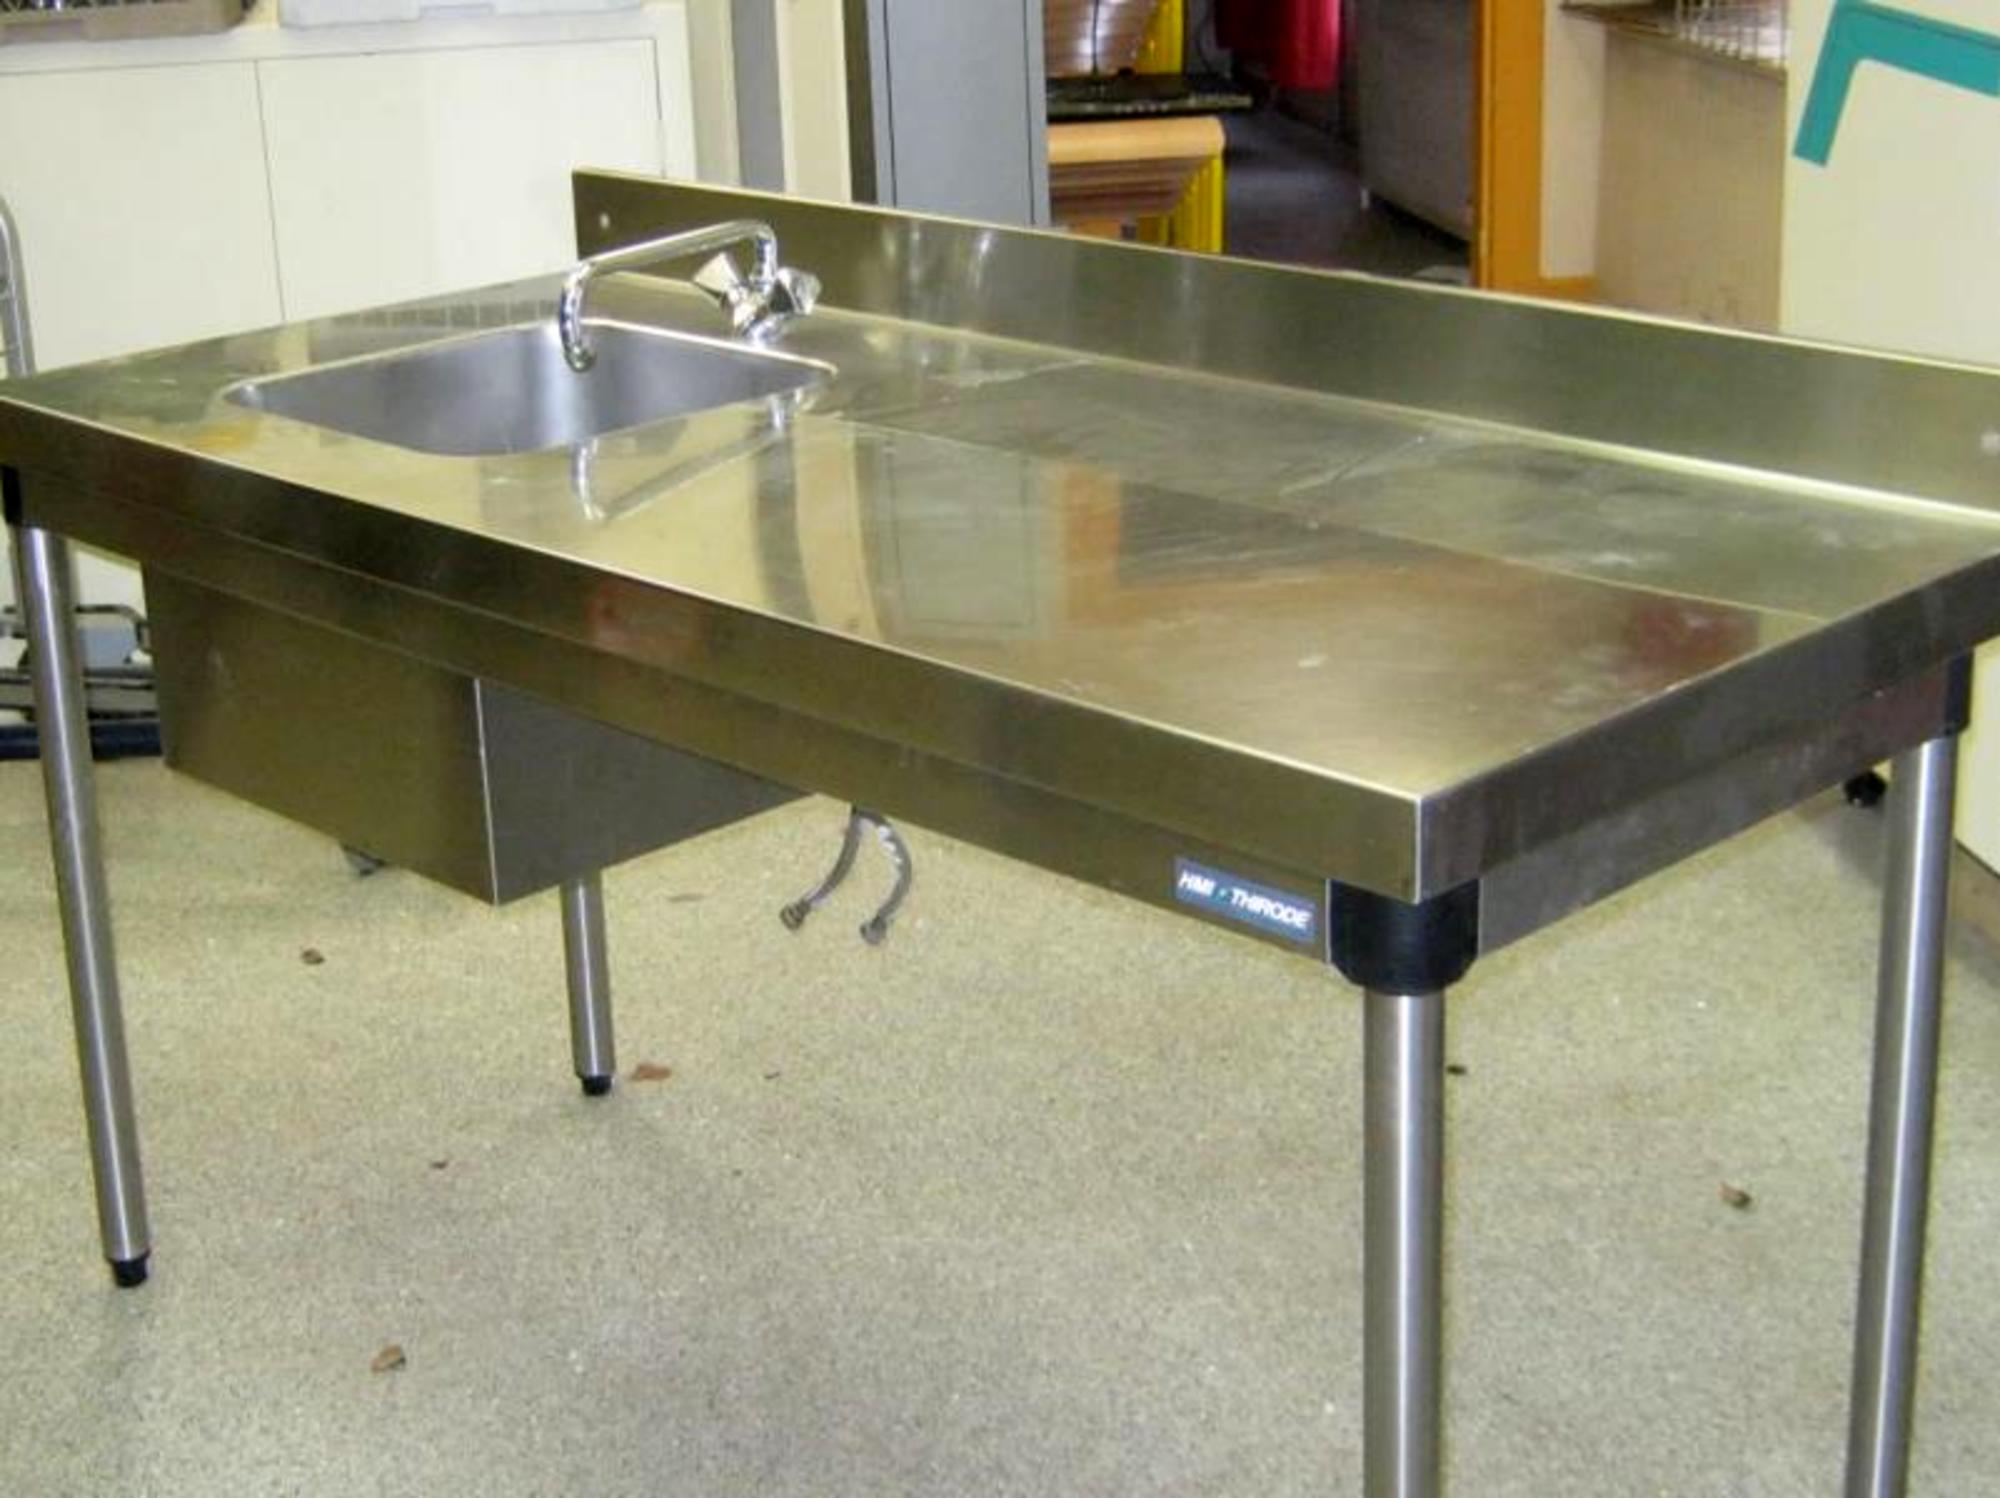 Bac plonge inox robinet equipement de cuisine d for Plonge inox cuisine